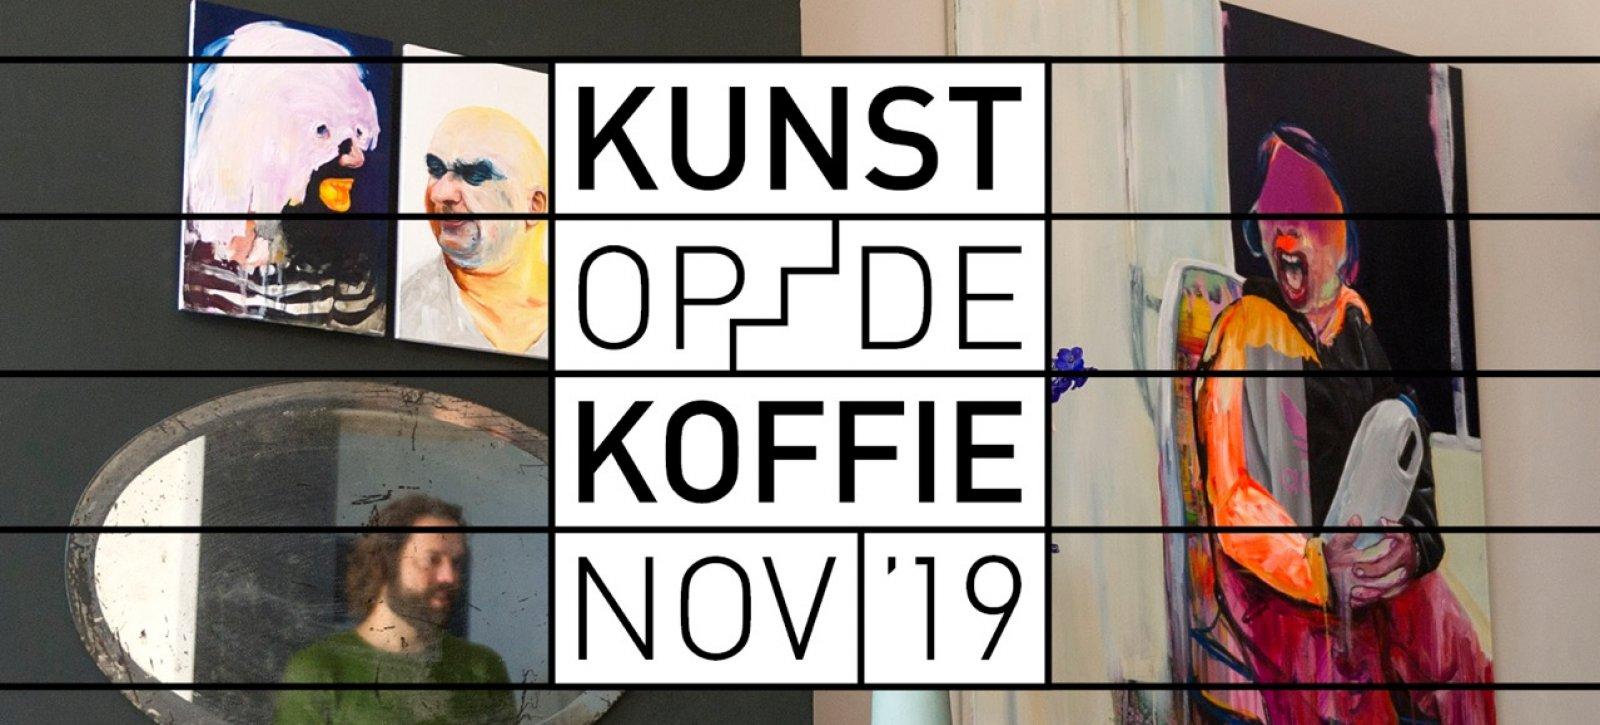 Sjaak Kooij | Kunst op de Koffie 2017